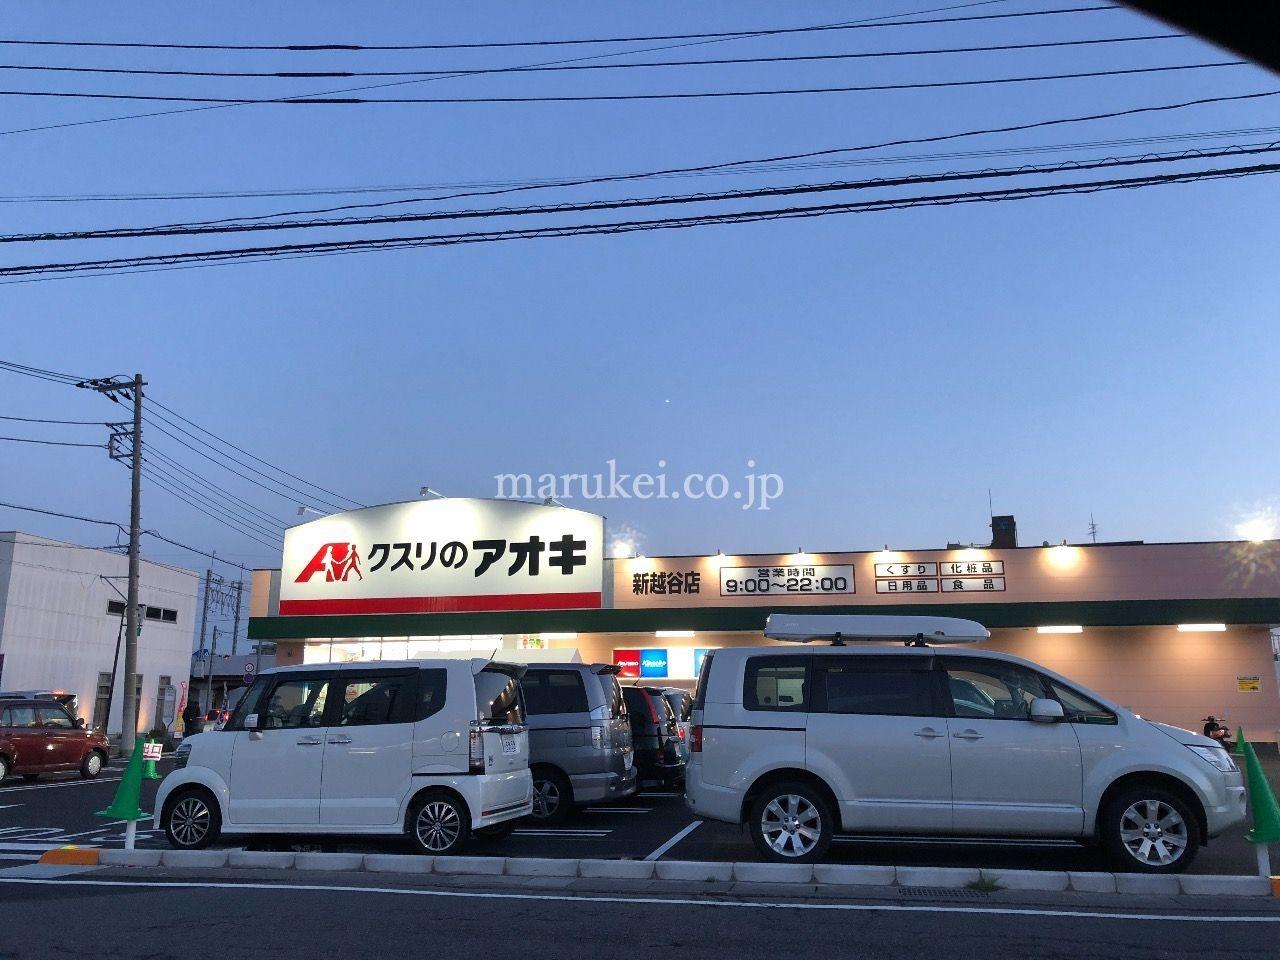 [開店情報] クスリのアオキ 越谷にオープン